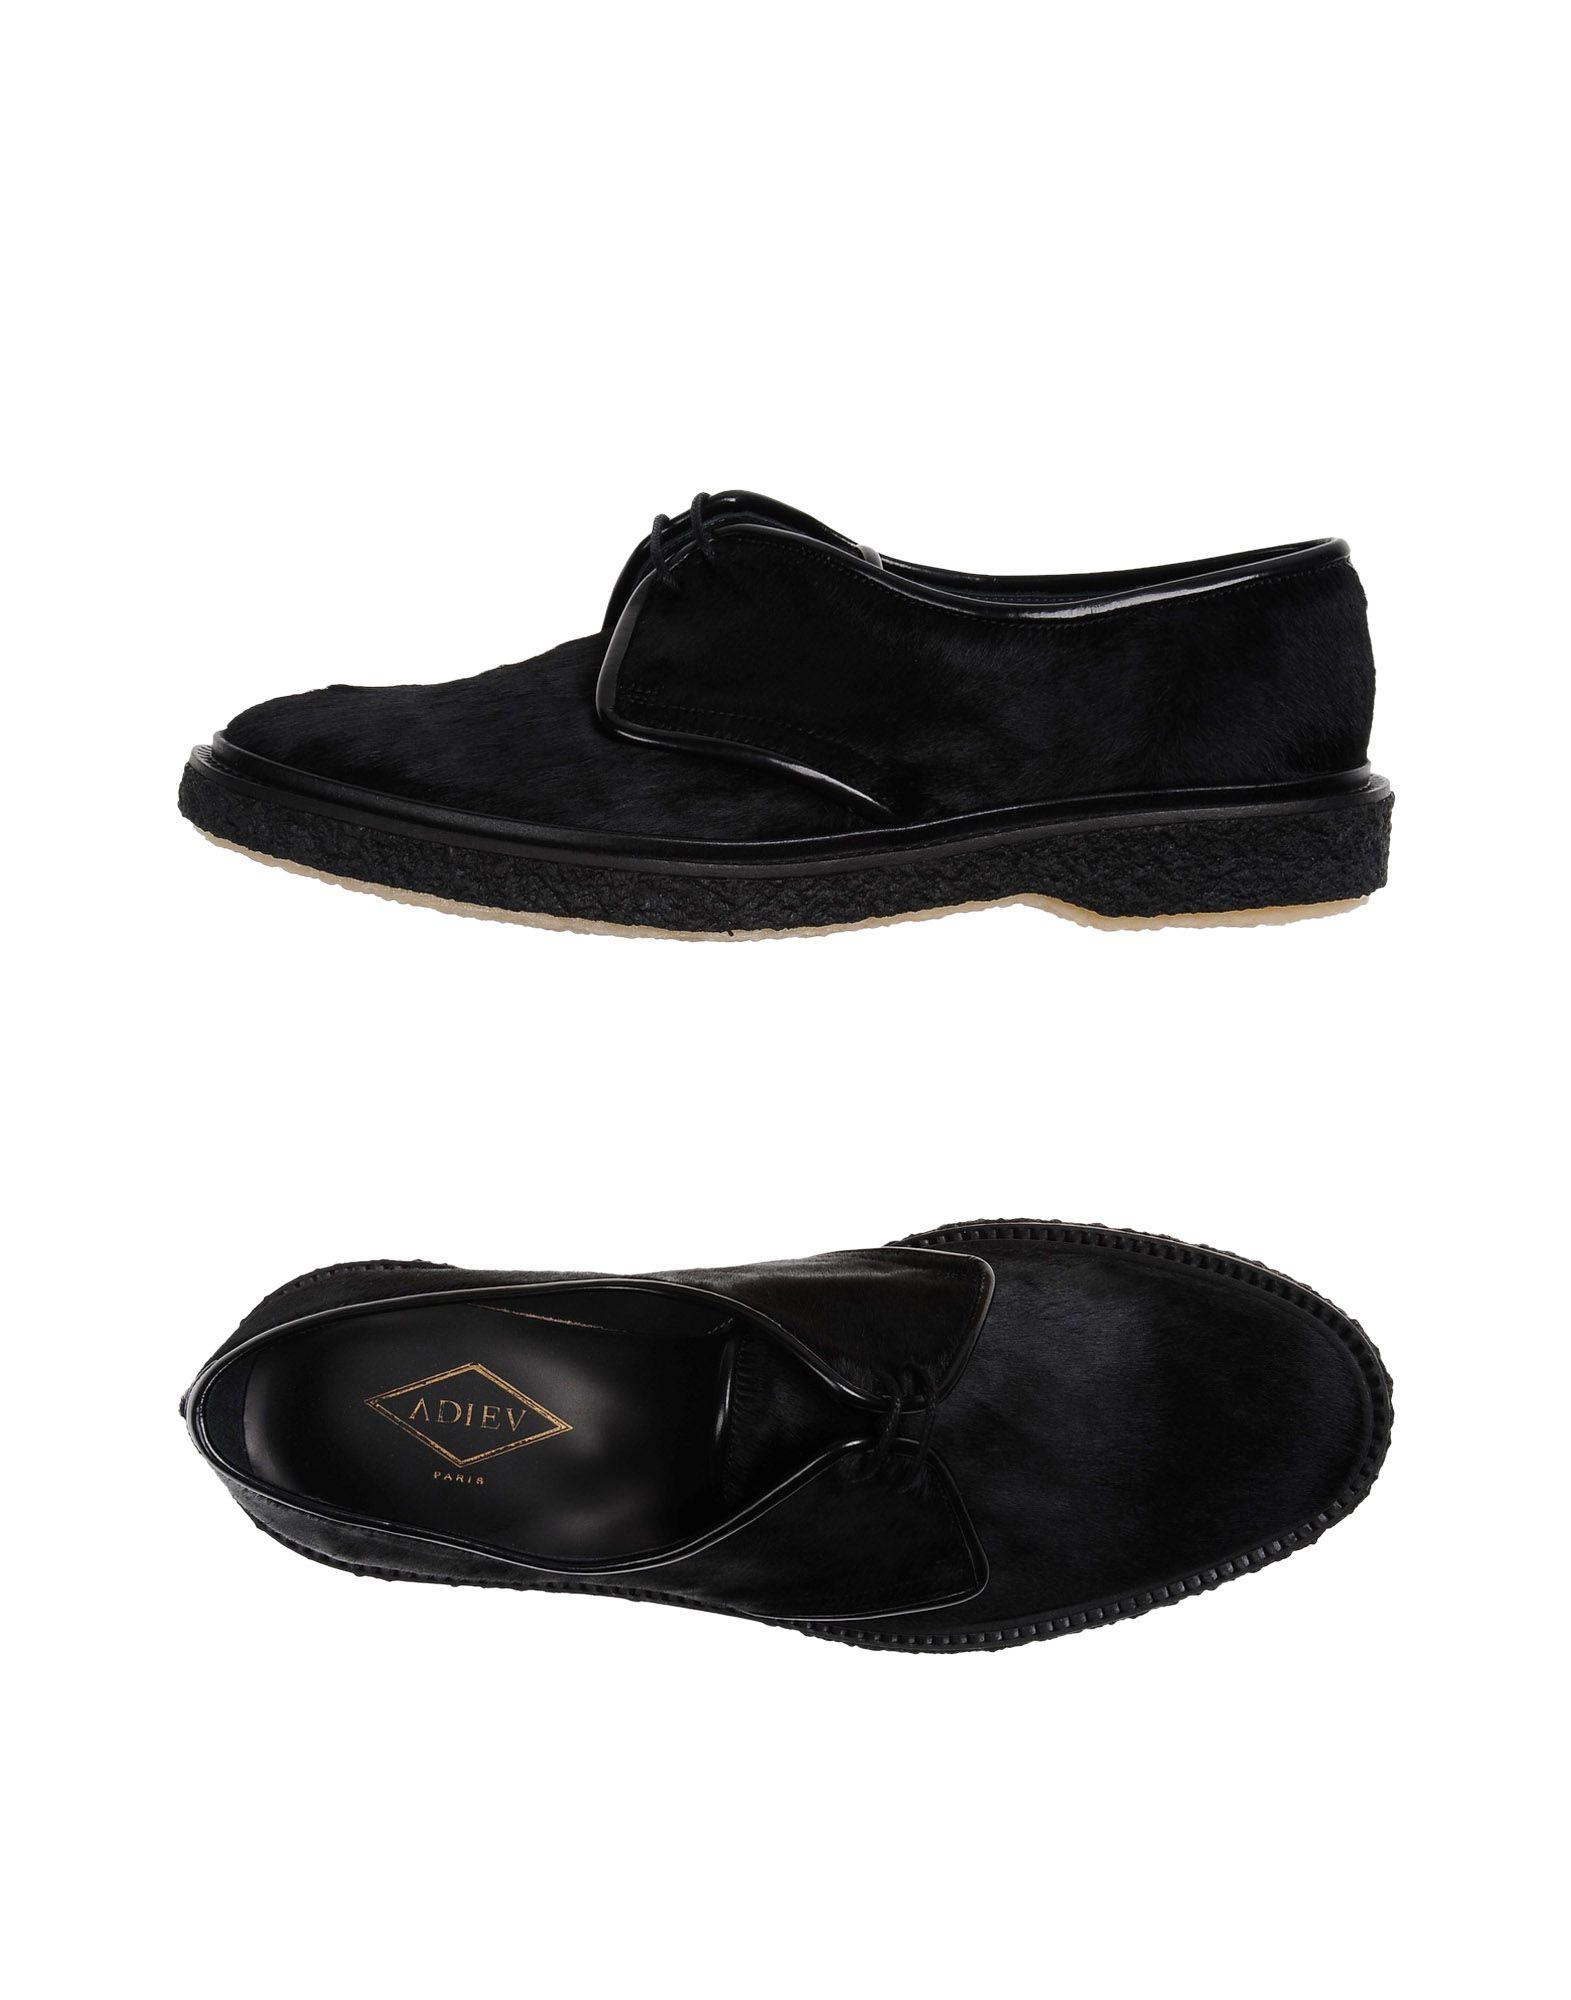 Adieu Schnürschuhe Herren  11039491DS Gute Qualität beliebte Schuhe